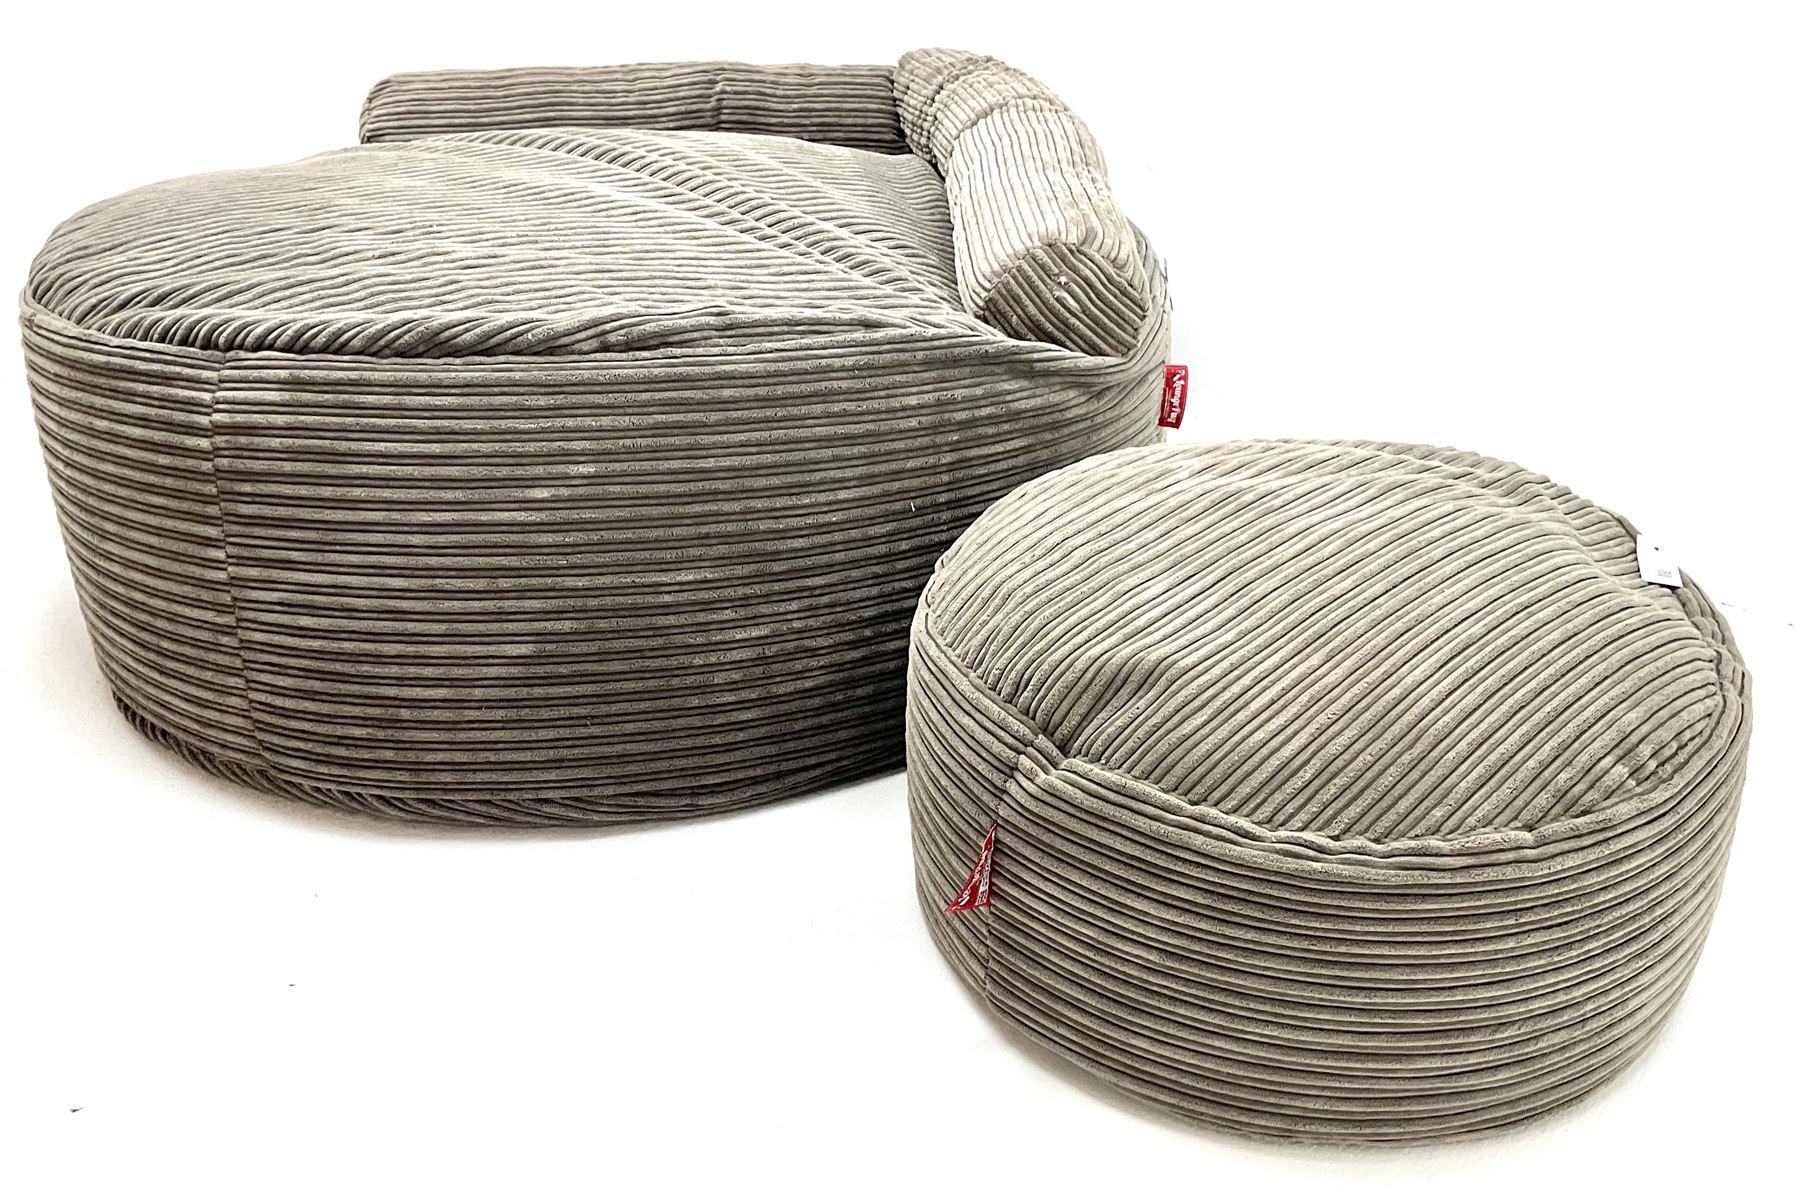 Large Lounge Pug bean bag seat - Image 3 of 4